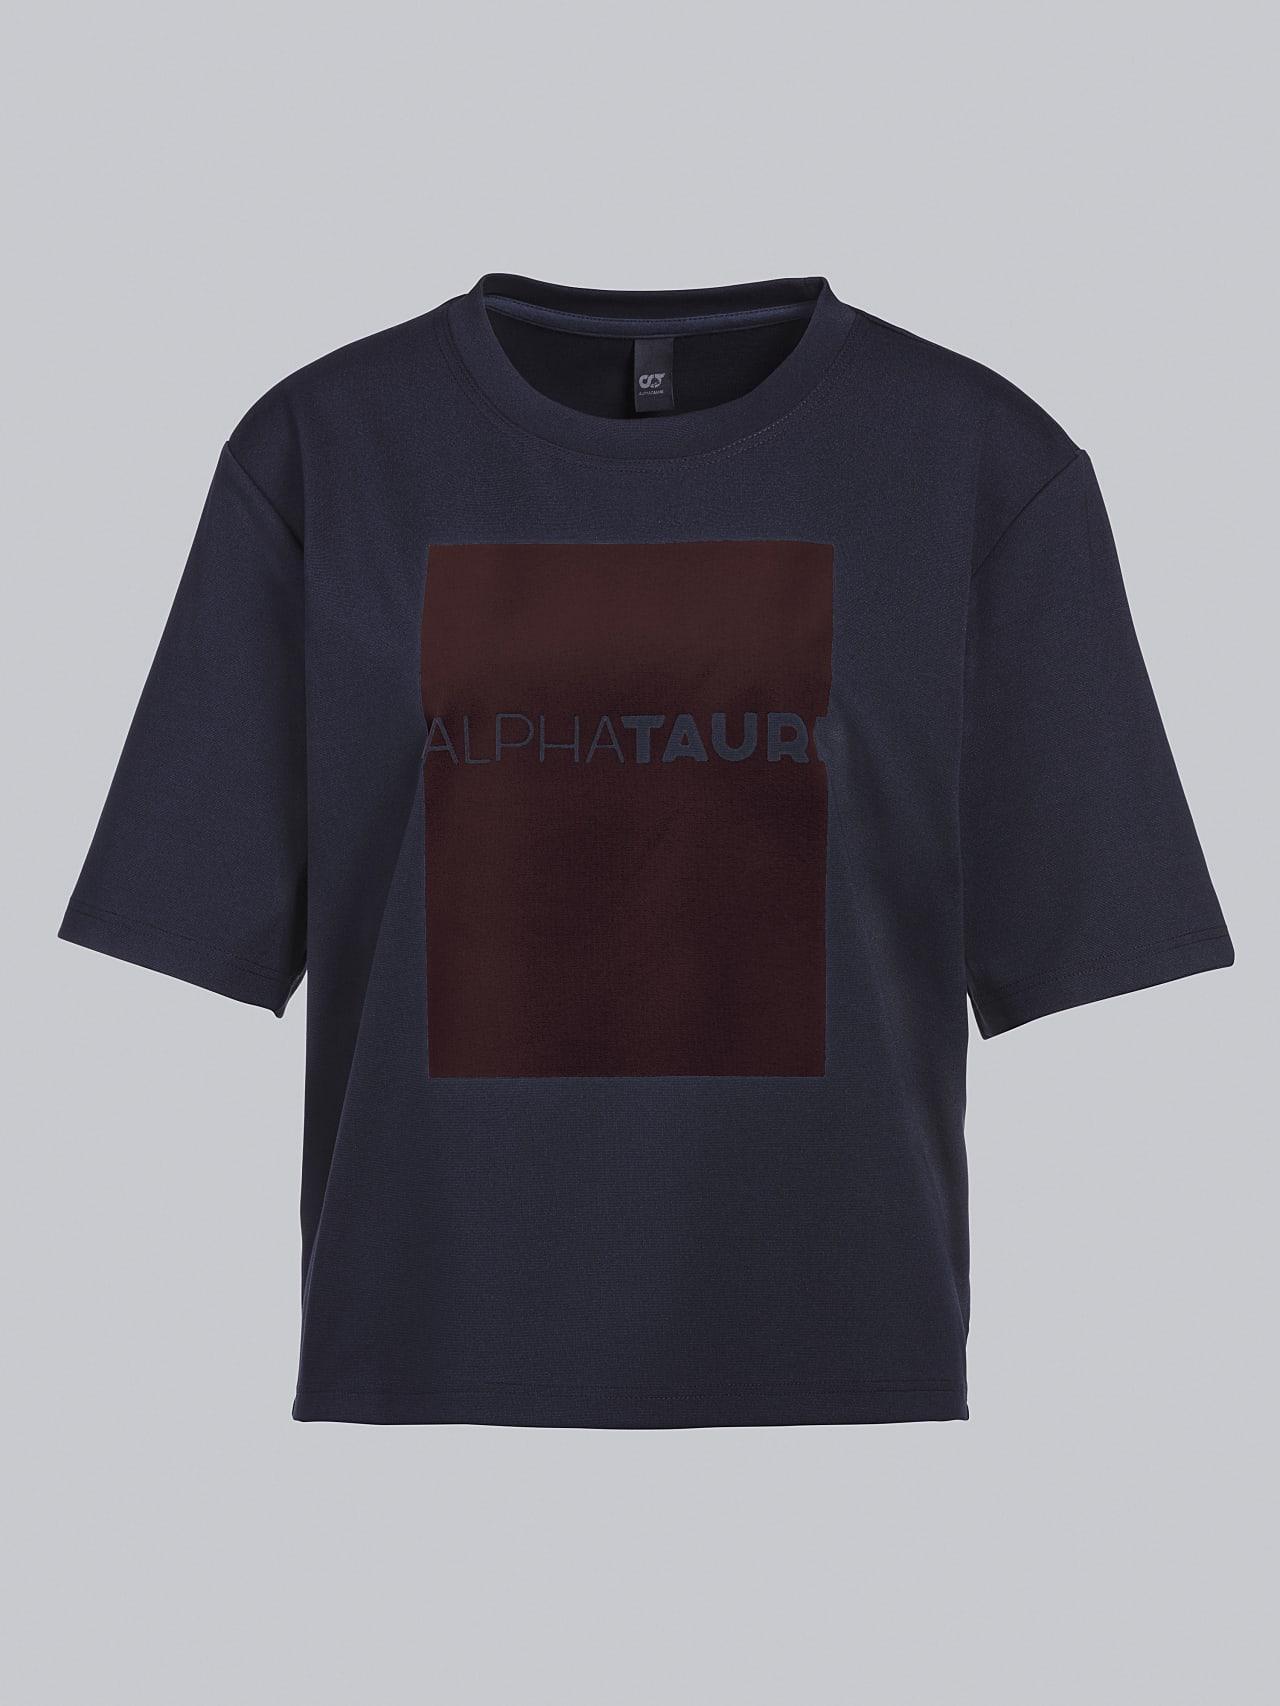 JASHU V1.Y5.02 Heavy-Weight Logo T-Shirt navy Back Alpha Tauri